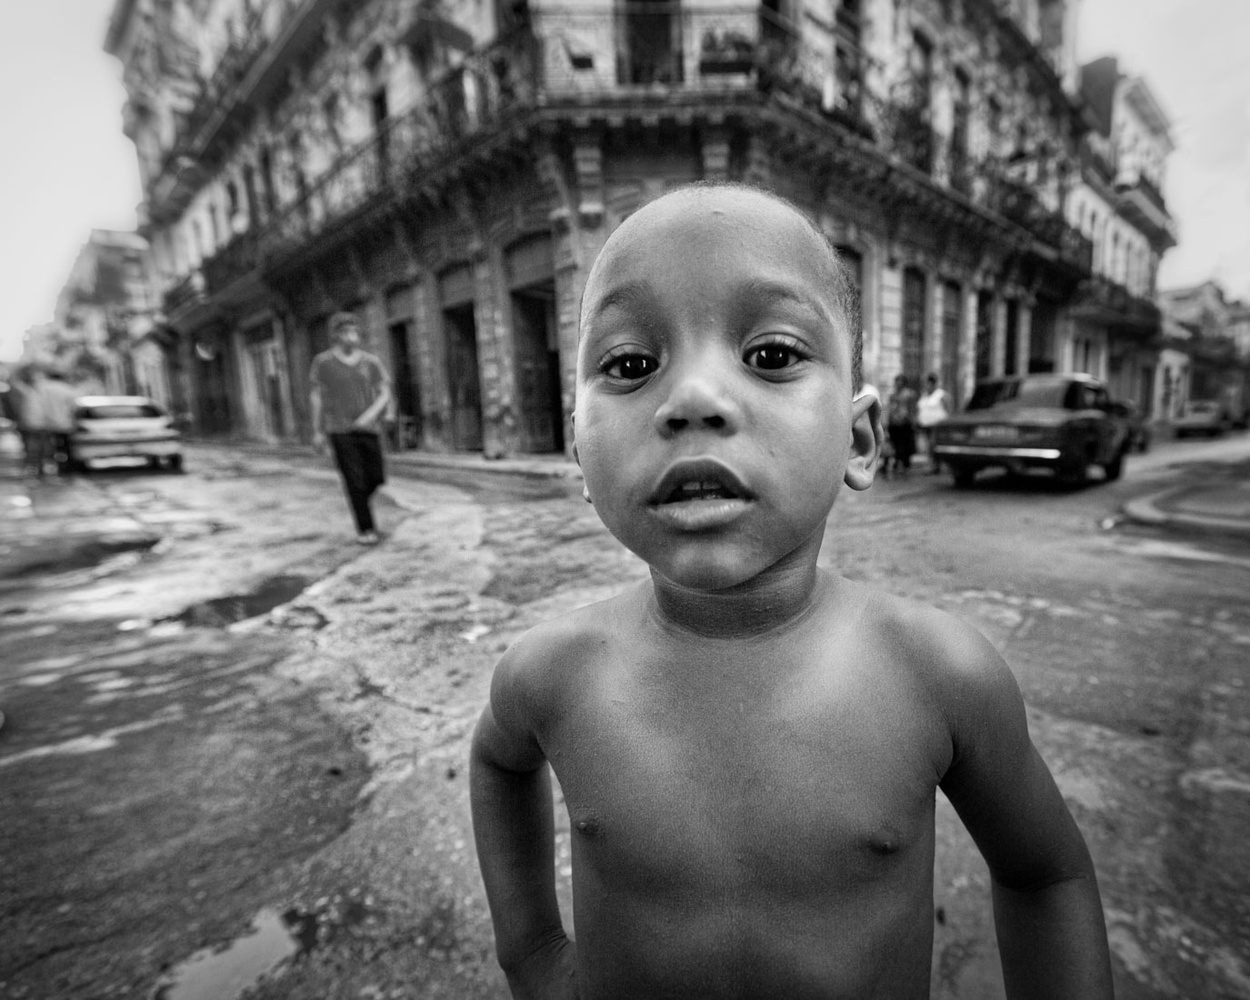 Havana Kid by Keir Briscoe